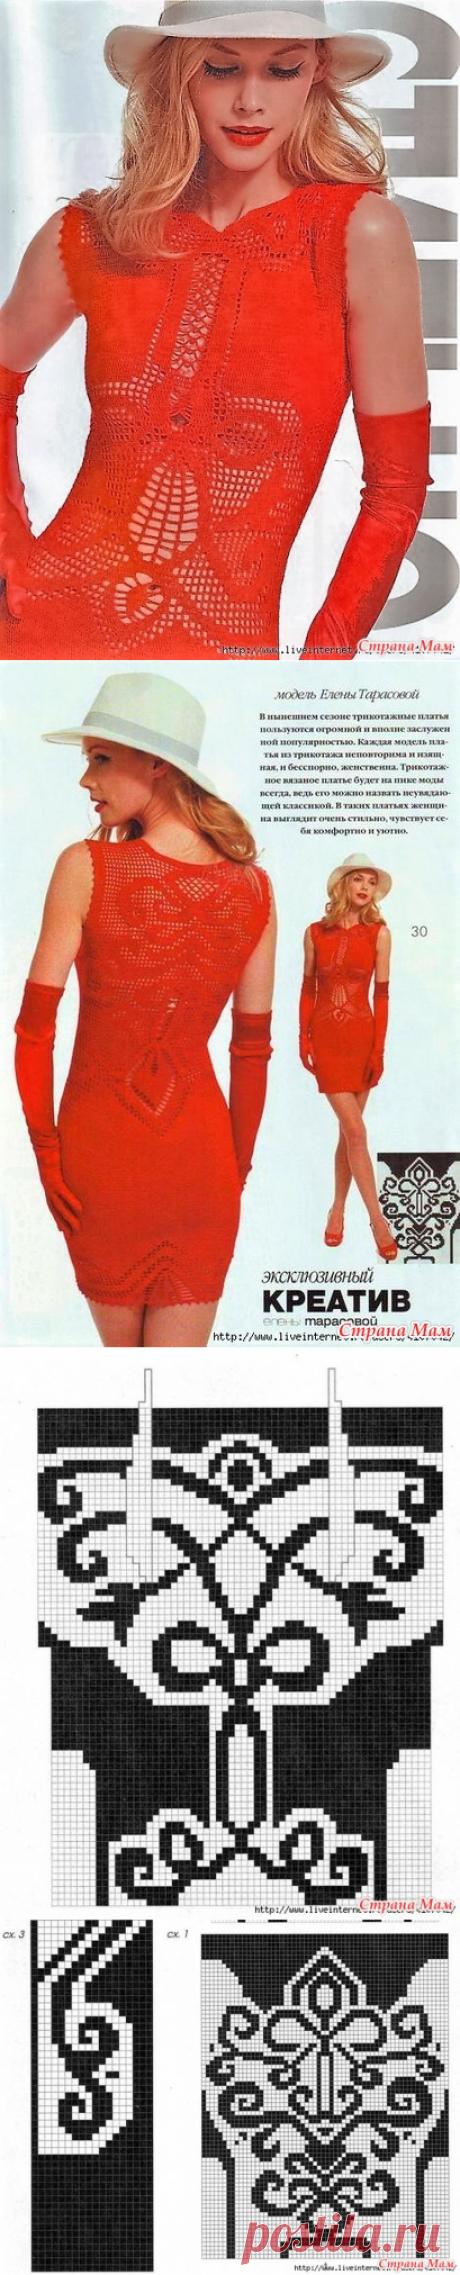 . Эксклюзивный креатив. Красное филейное платье от Елены Тарасовой. - Все в ажуре... (вязание крючком) - Страна Мам